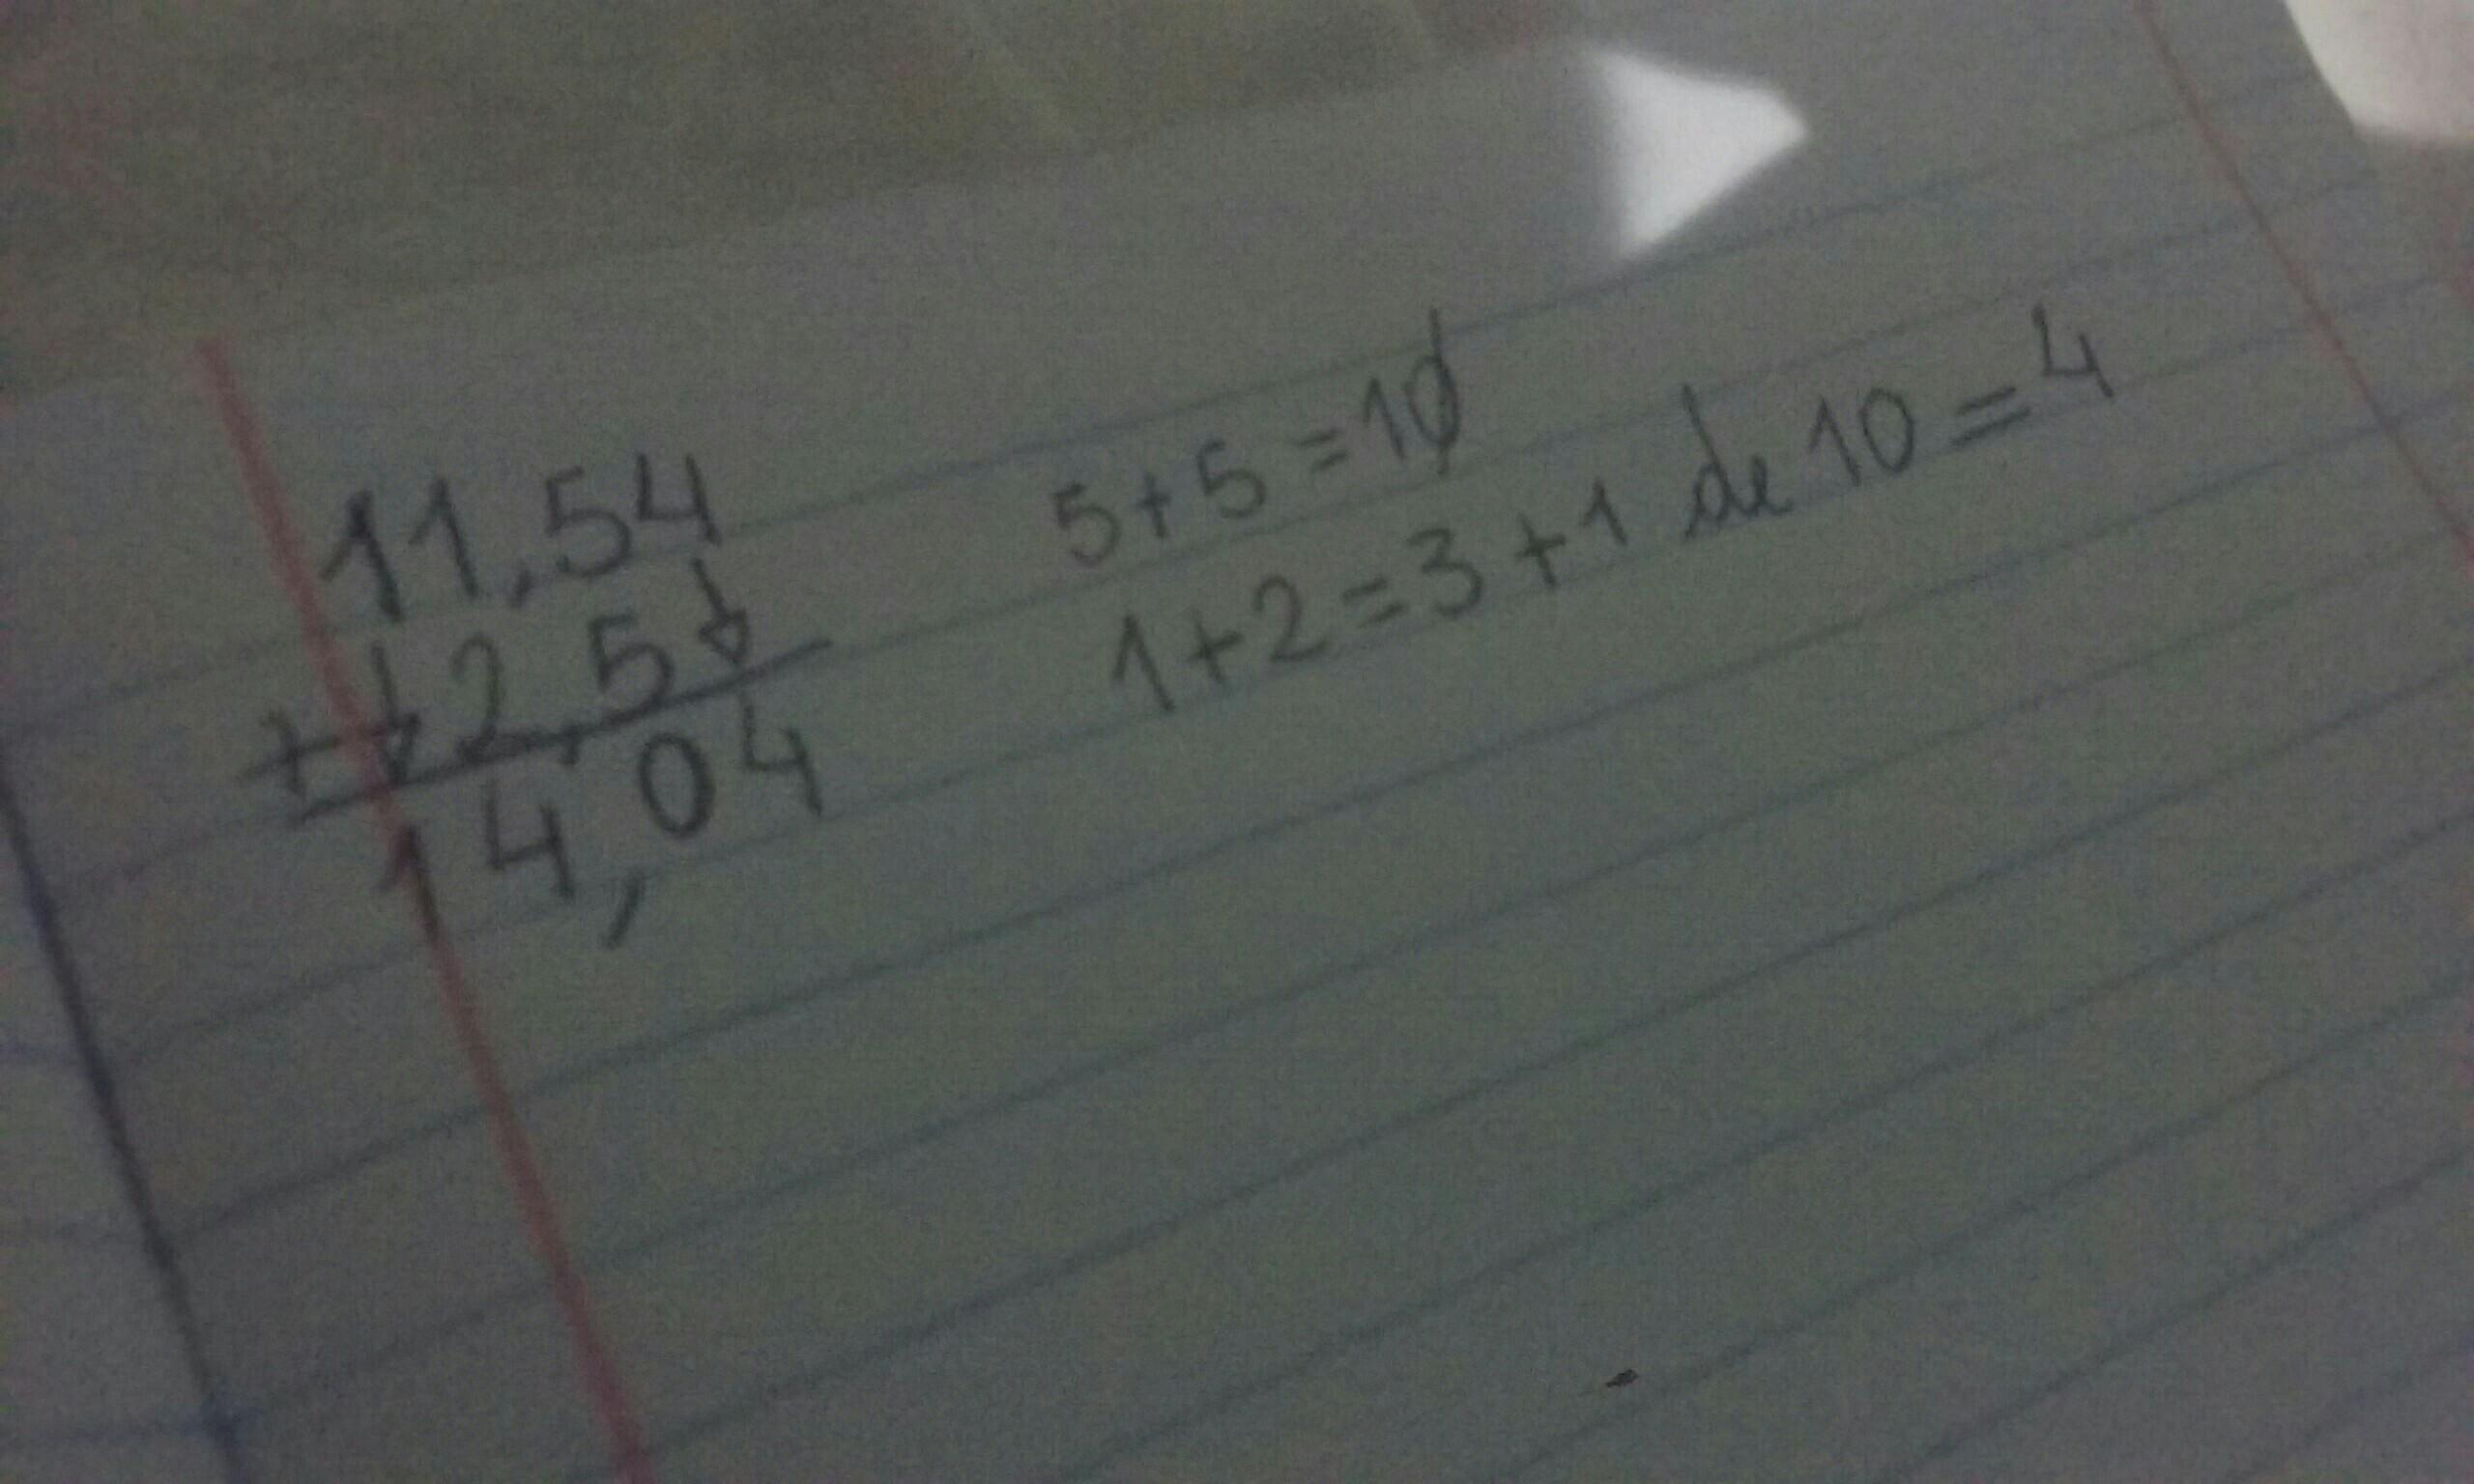 09bc910b4a099 Preciso de ajuda com esse cálculo 11,54 + 2,5   - Brainly.com.br